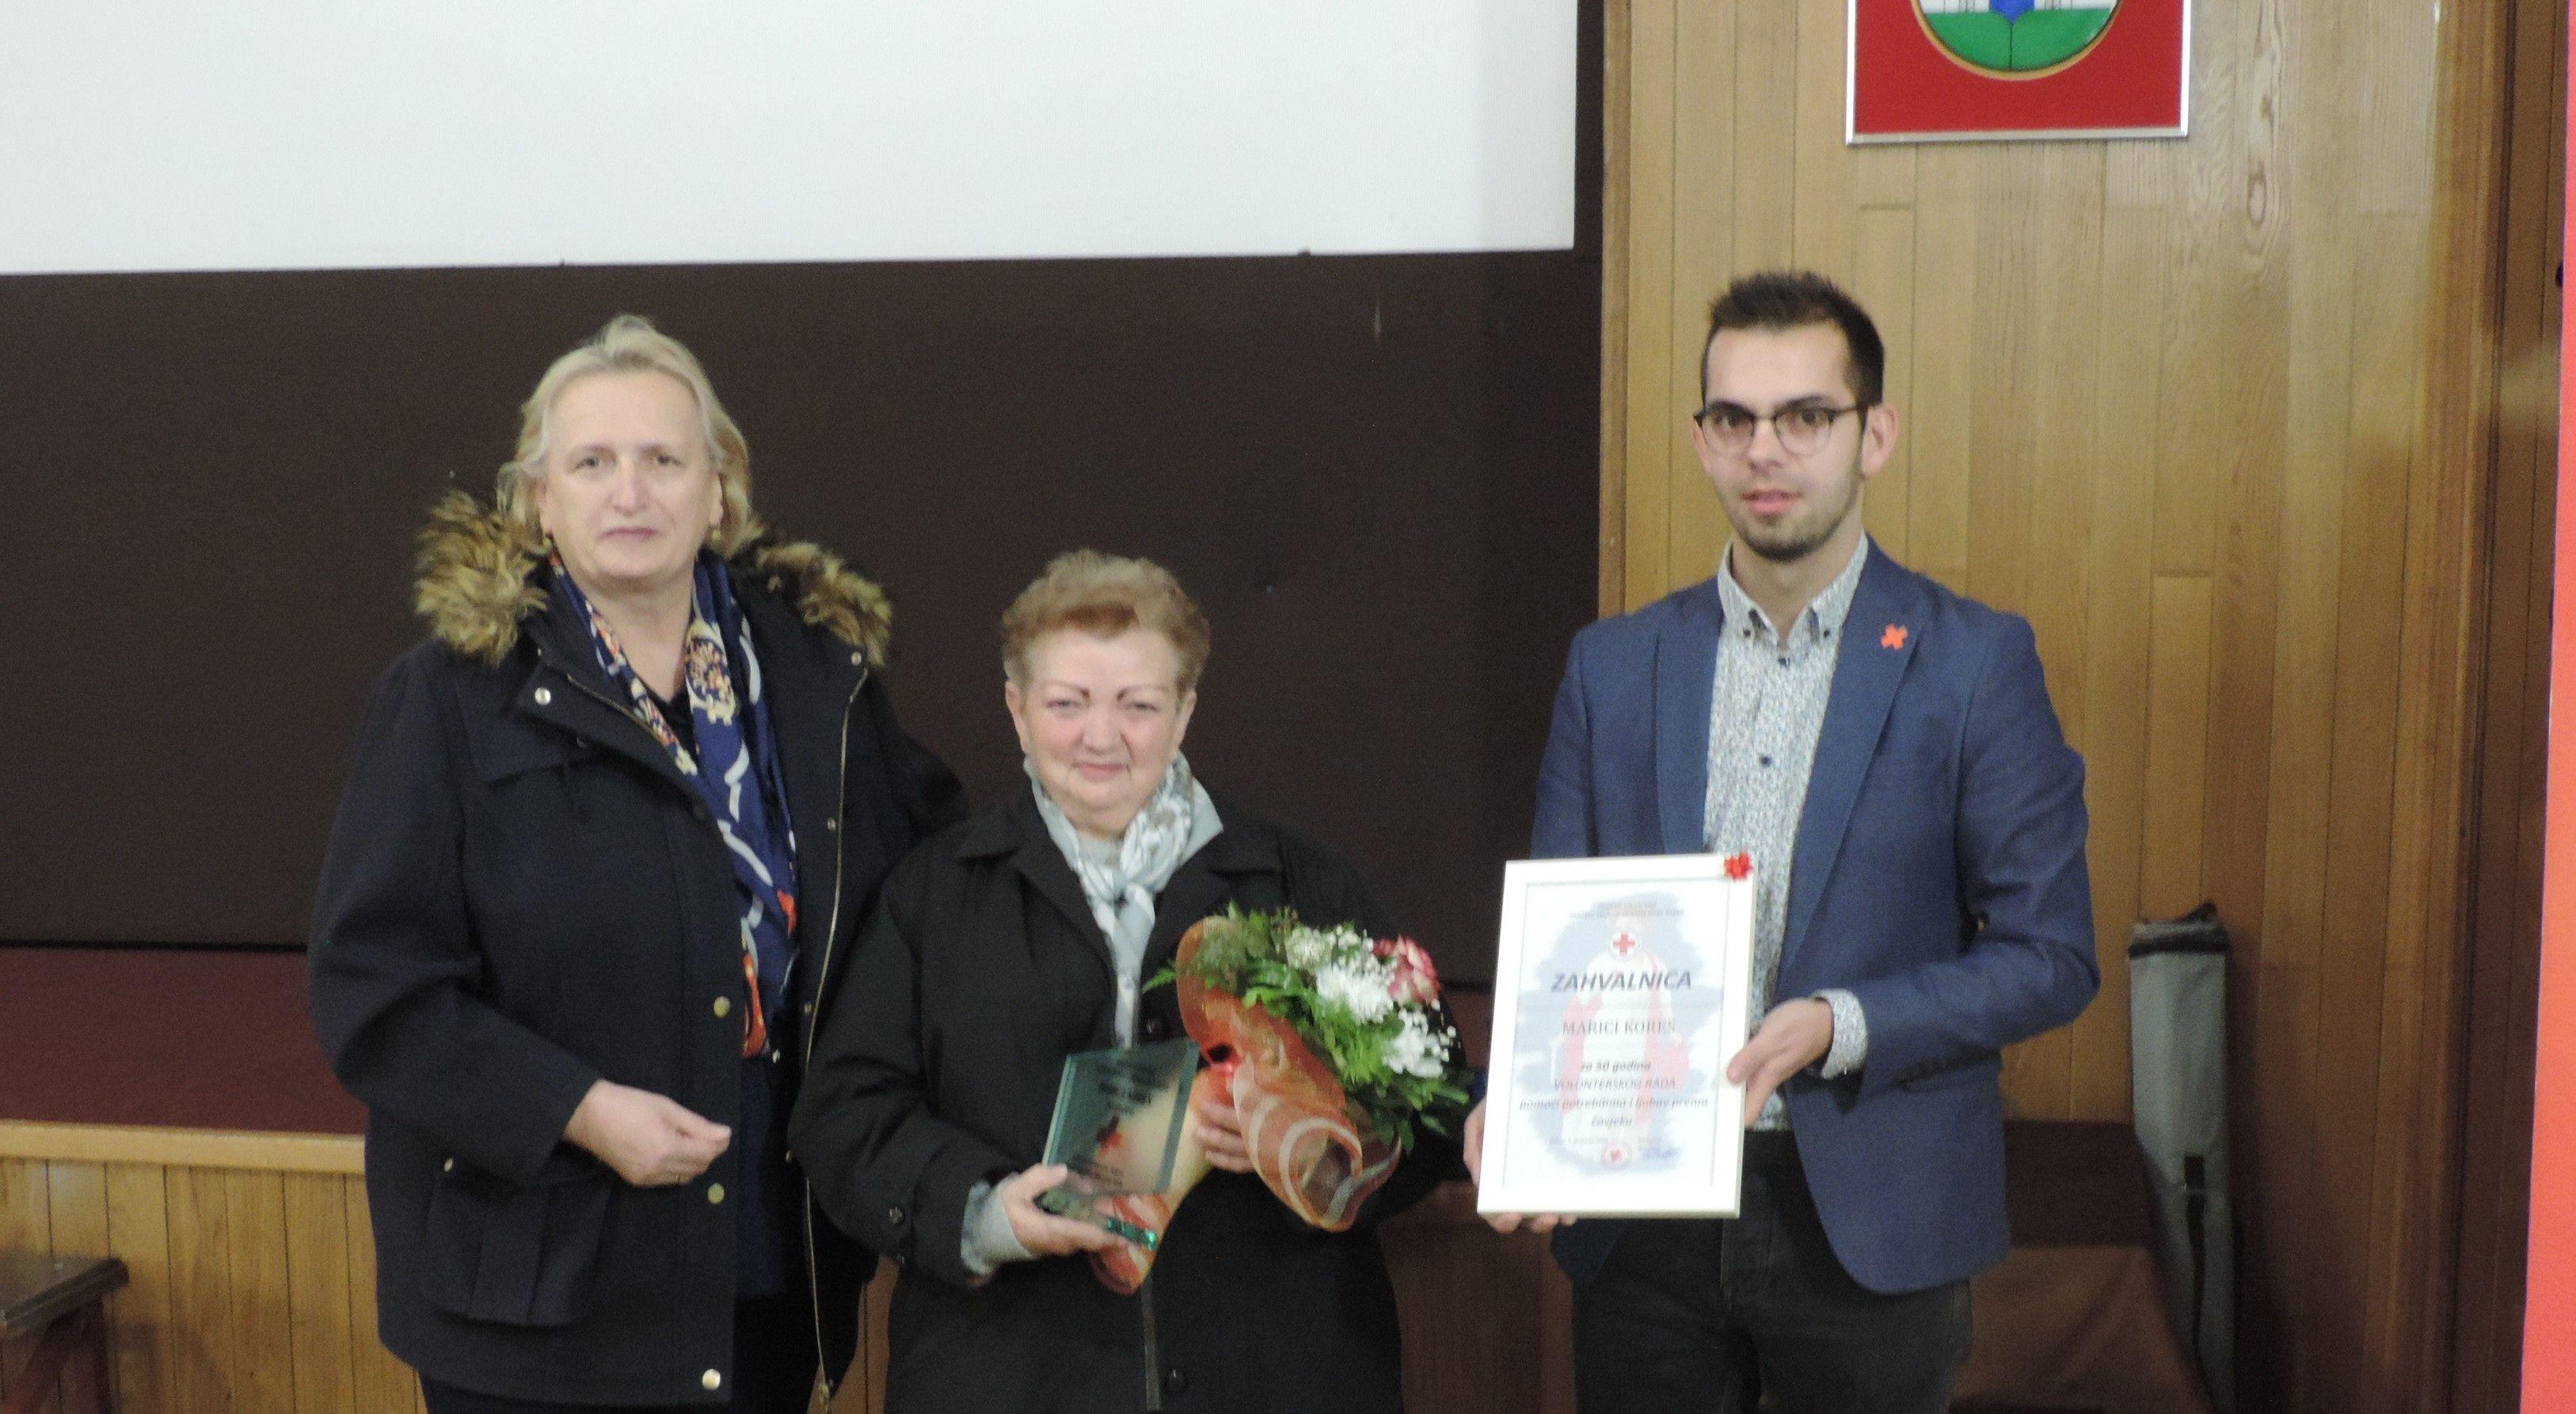 Gđi. Marici Kores dodijeljena plaketa za 50-godišnji volonterski rad